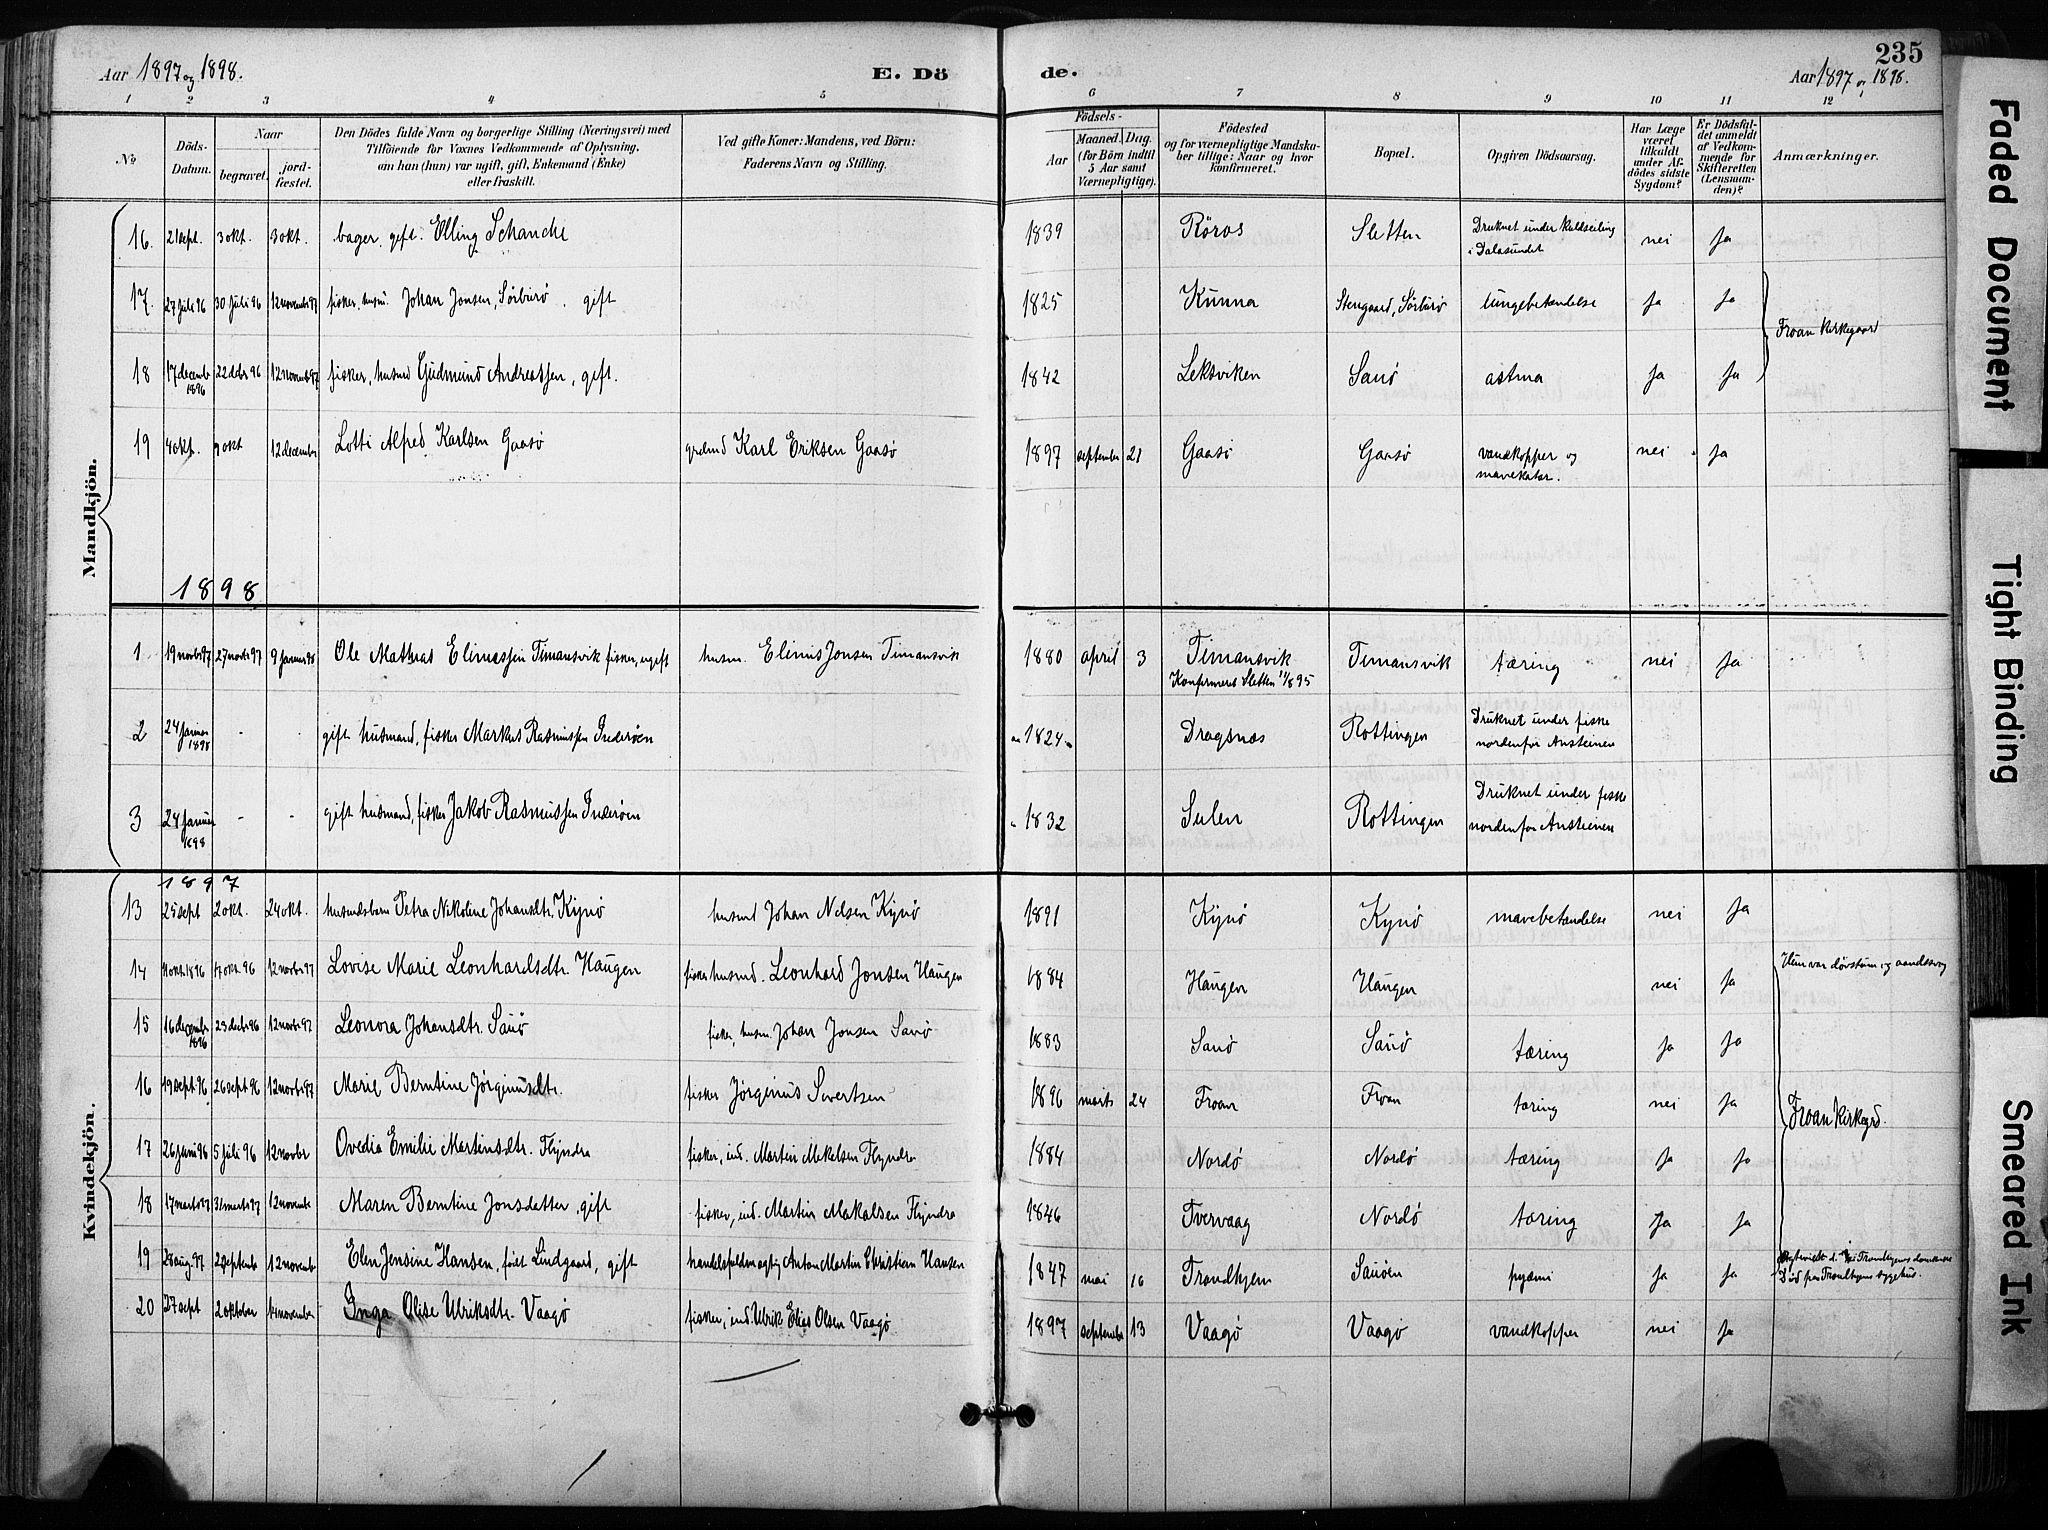 SAT, Ministerialprotokoller, klokkerbøker og fødselsregistre - Sør-Trøndelag, 640/L0579: Ministerialbok nr. 640A04, 1889-1902, s. 235